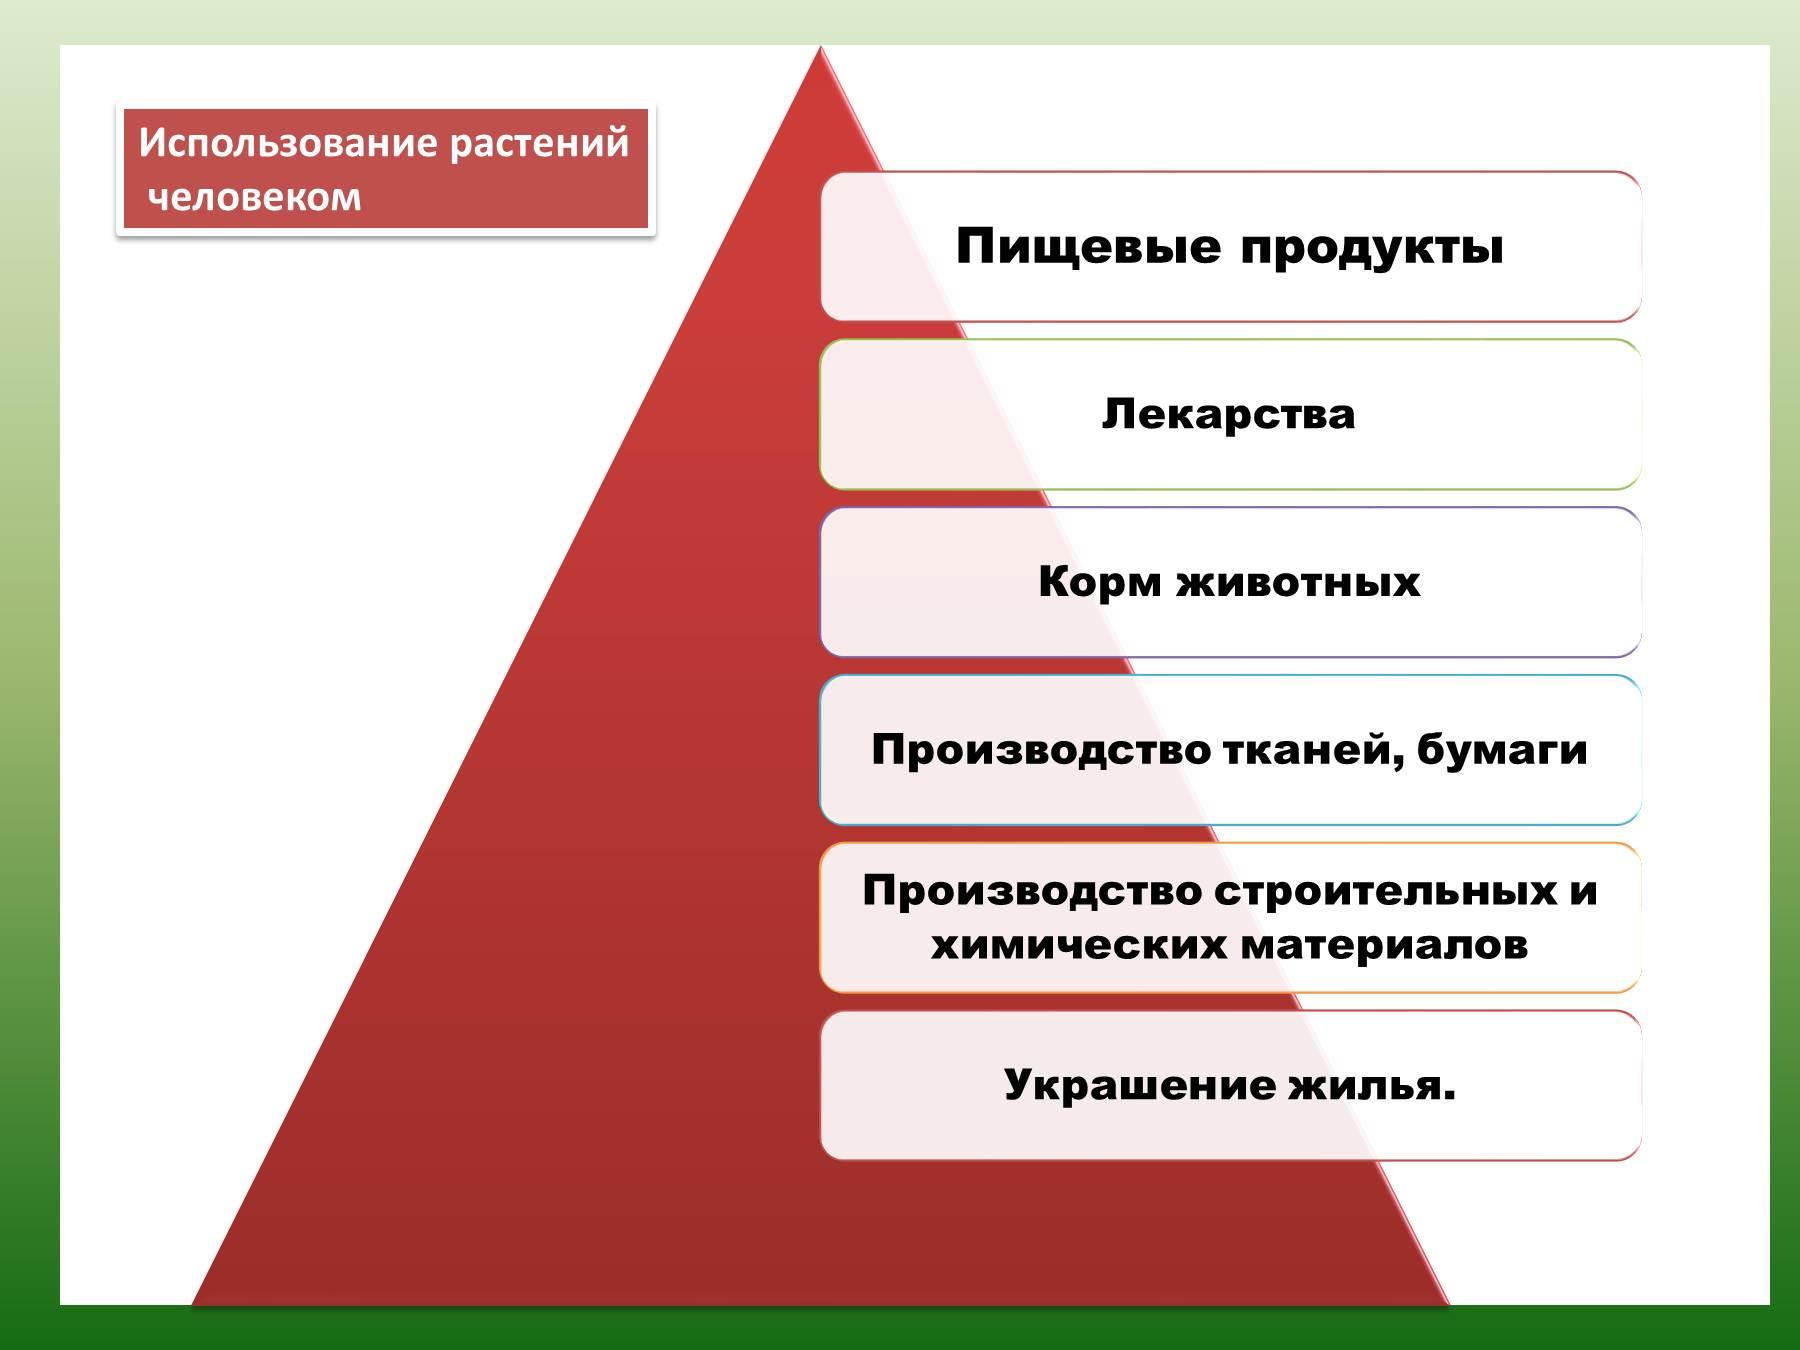 Схема использования растений человеком